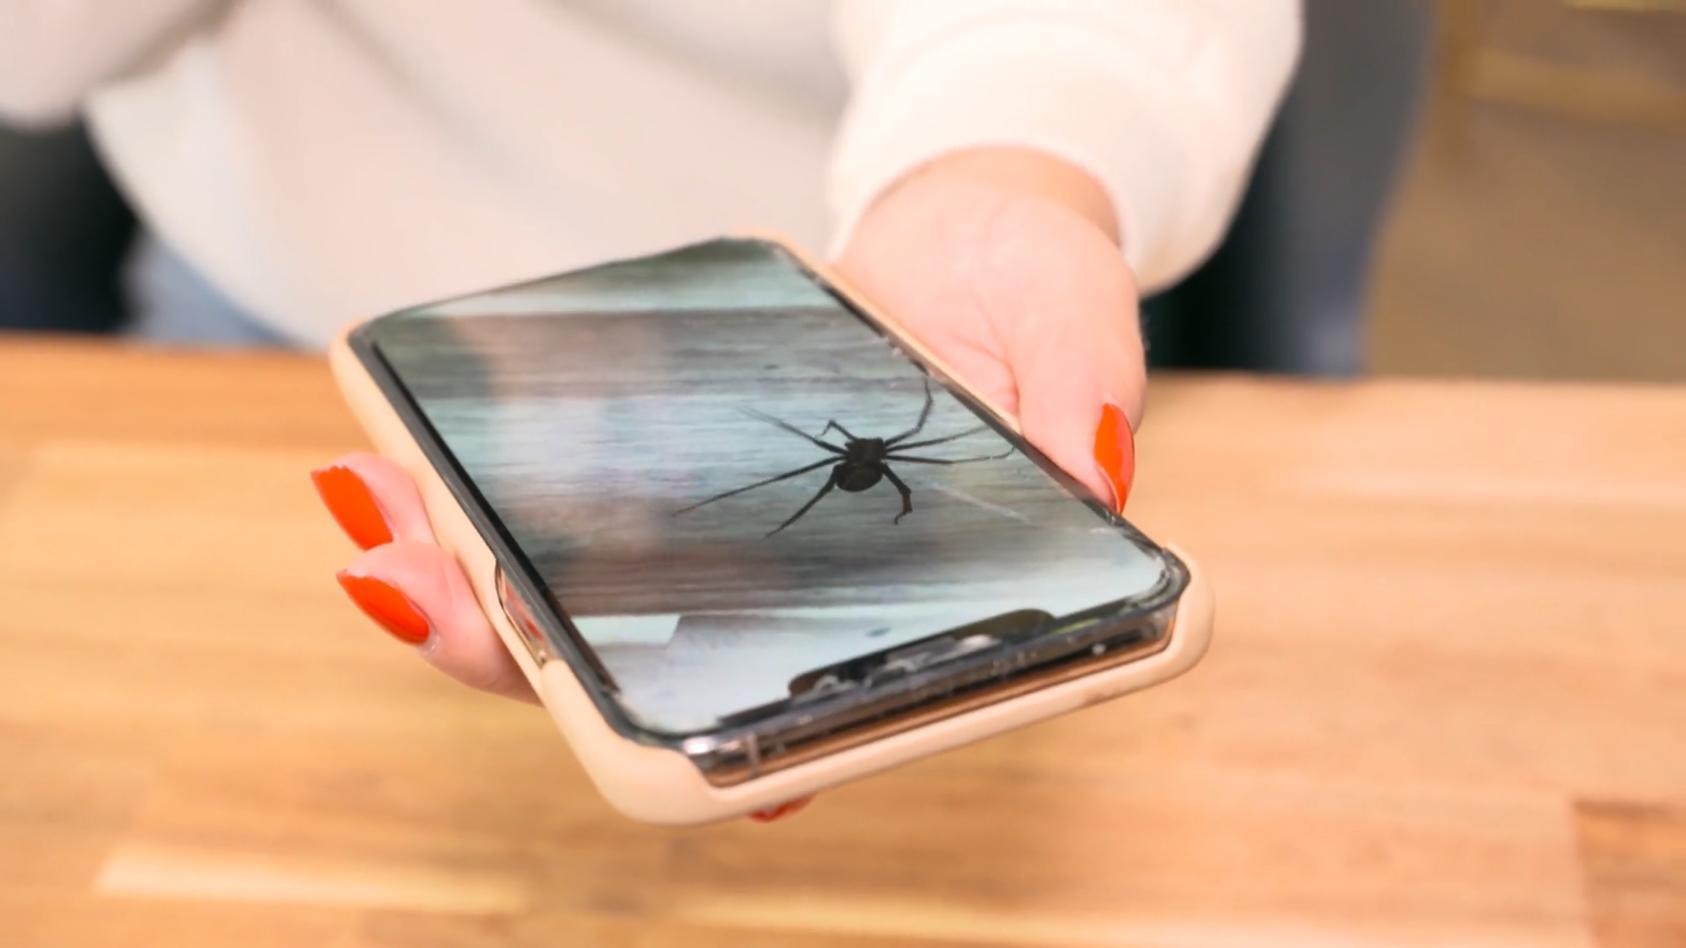 funktioniert-das-wirklich-app-soll-angst-vor-spinnen-nehmen